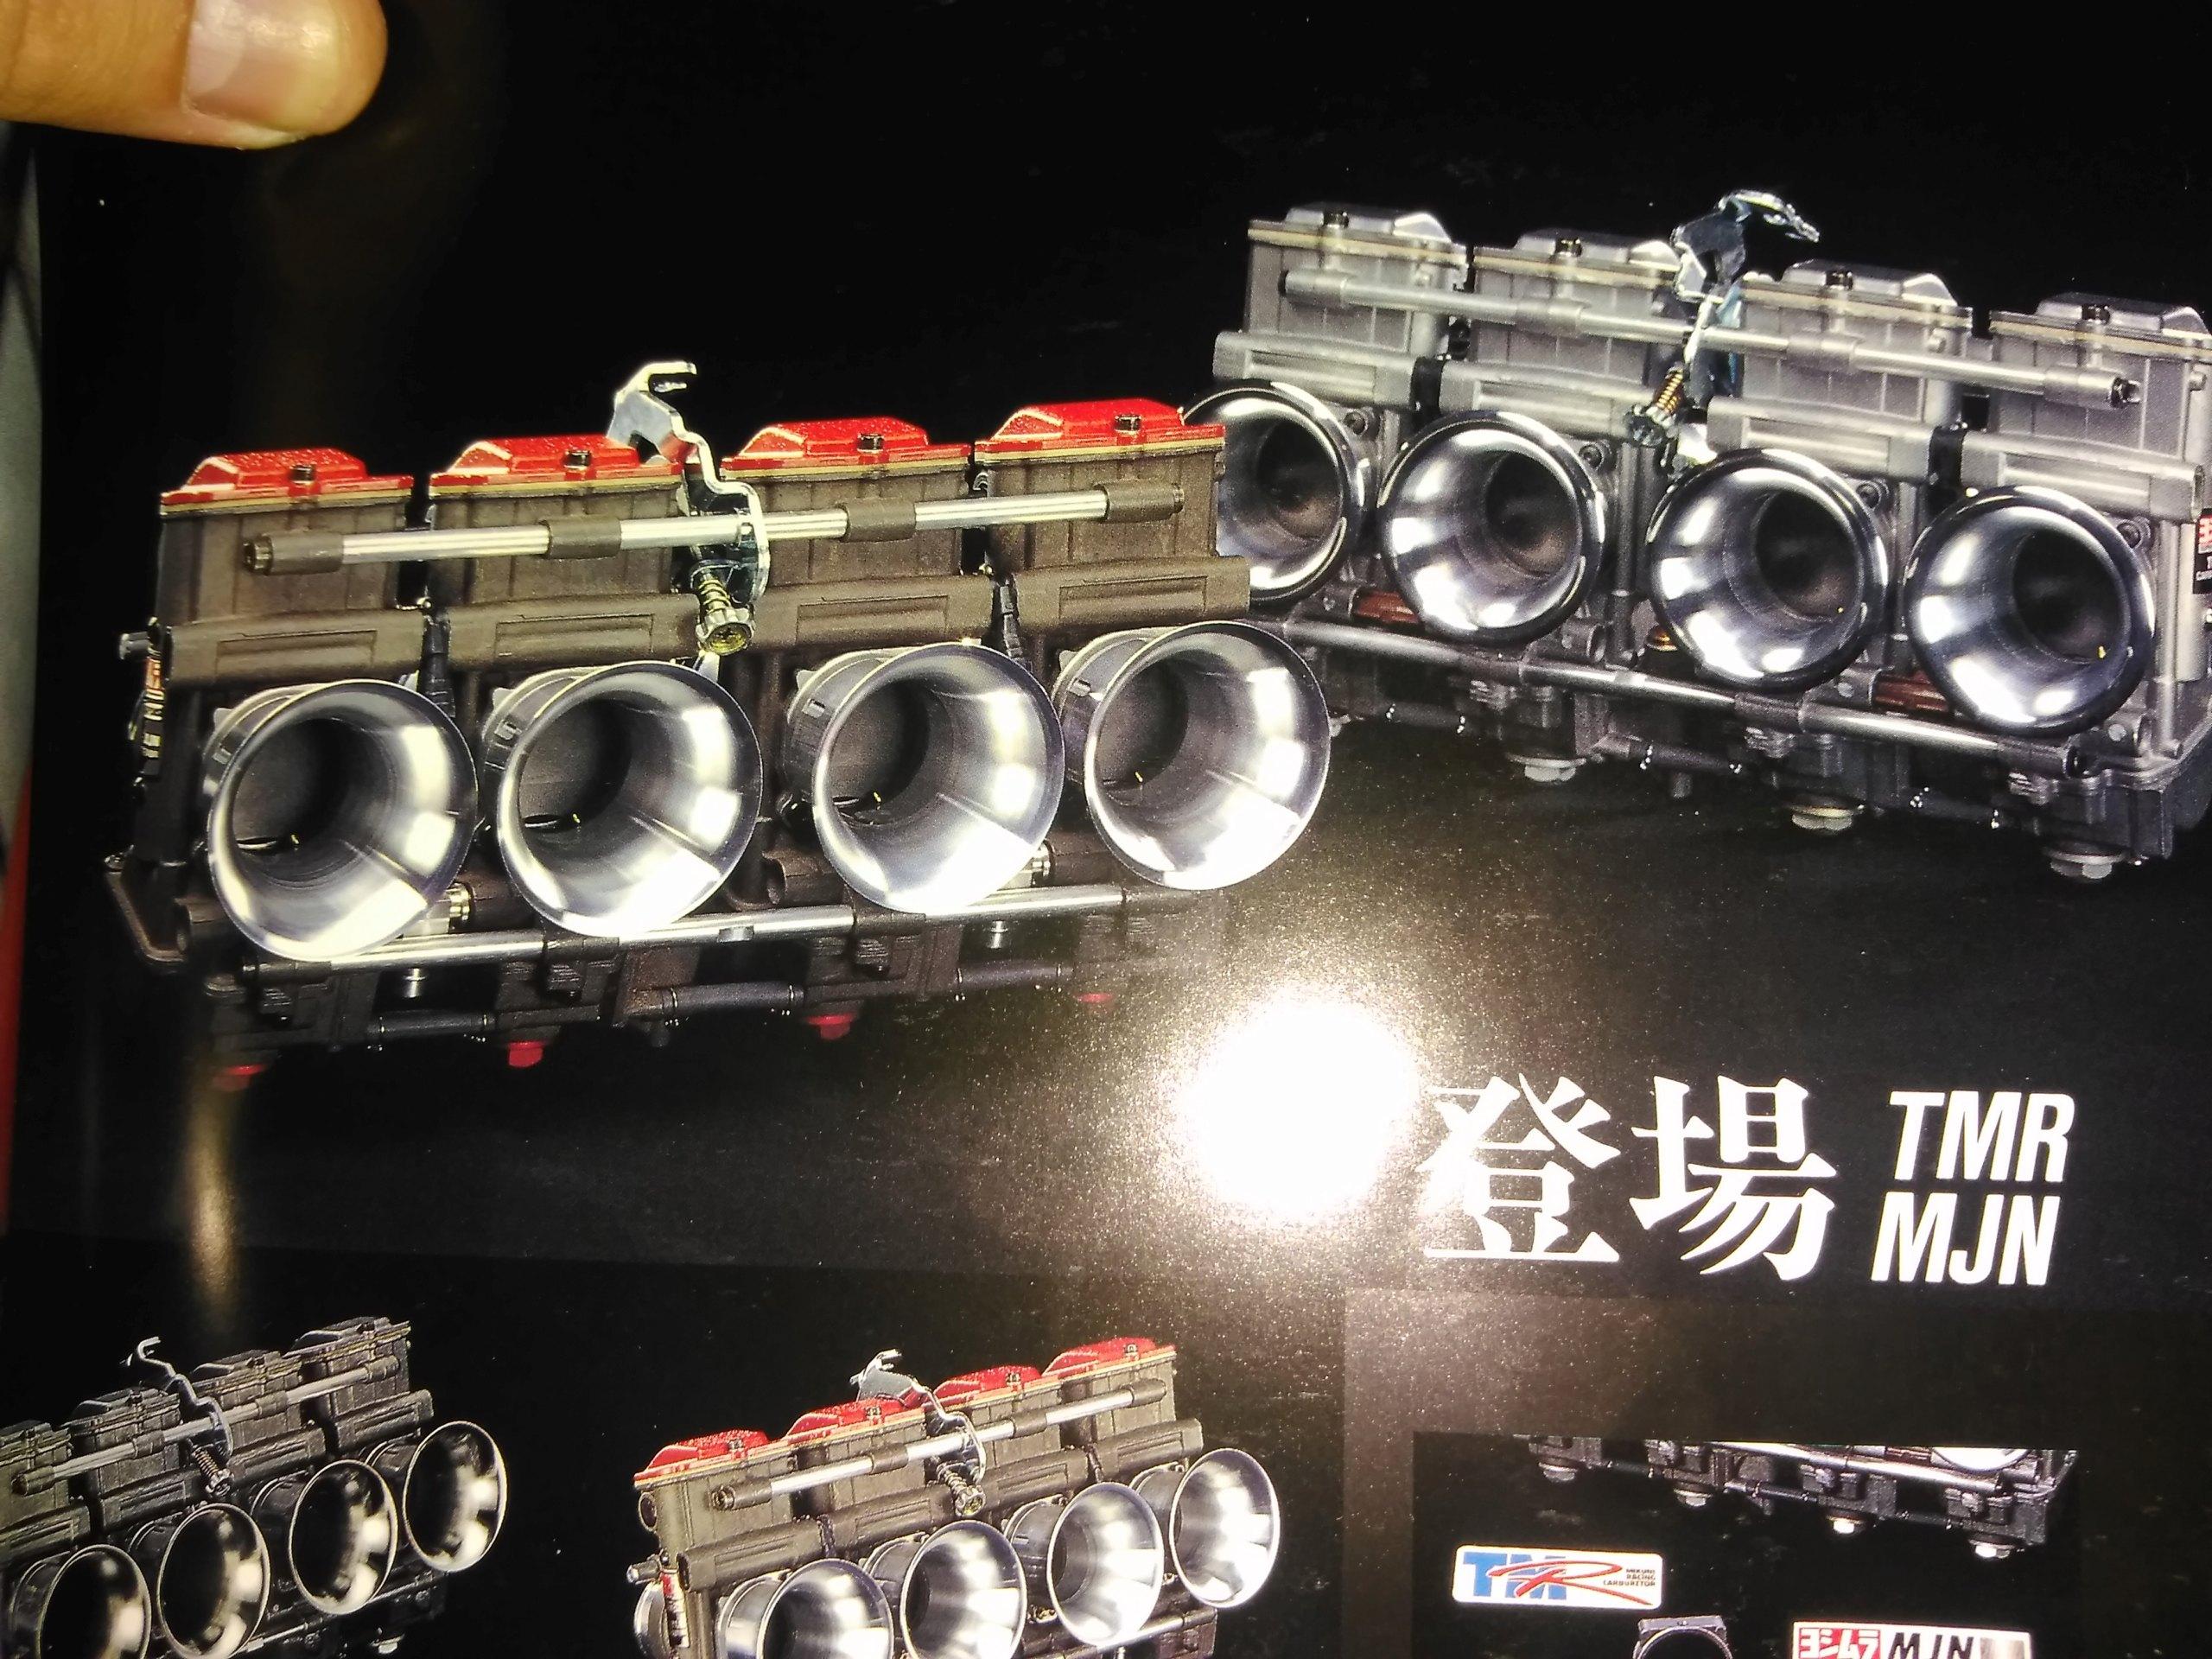 ATENCION, porno duro: Catalogo de chuches Yoshimura 93-95 Img_2019